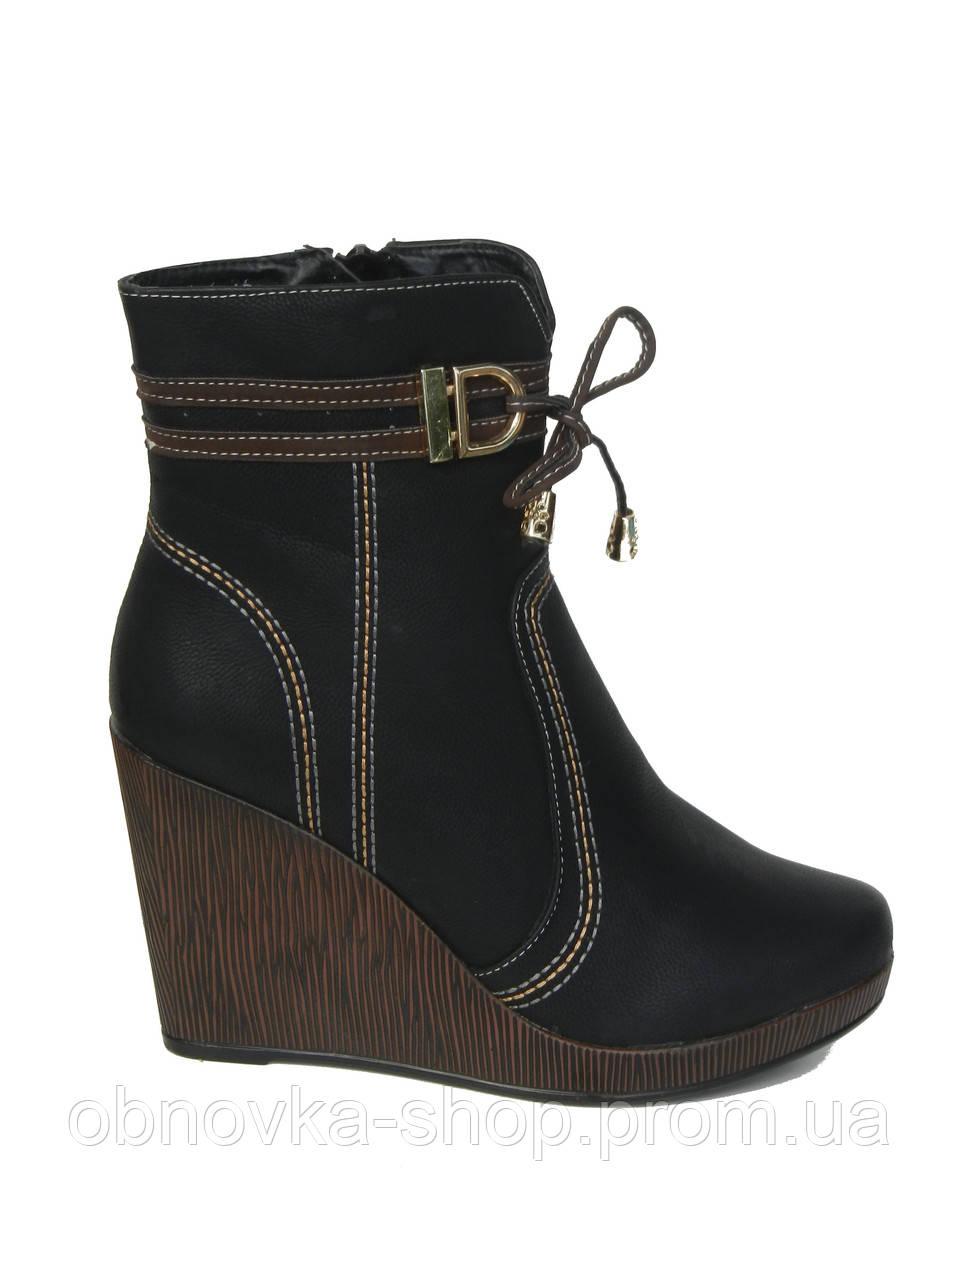 49393a09d Ботинки на танкетке женские - Интернет-магазин одежды и обуви в Харькове